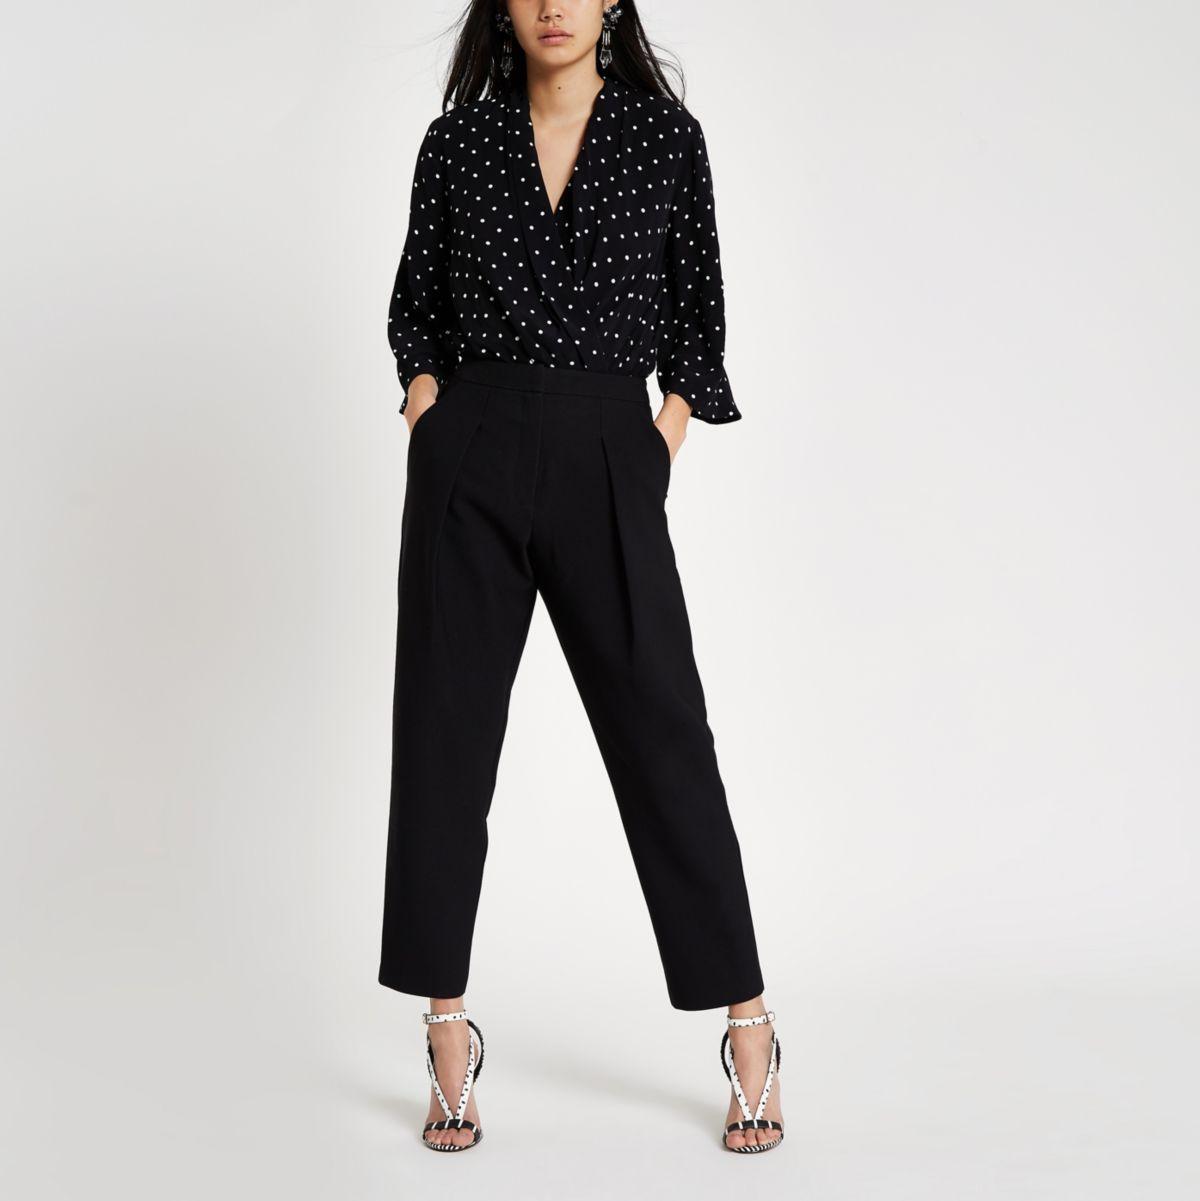 Zwarte aansluitende rechte broek